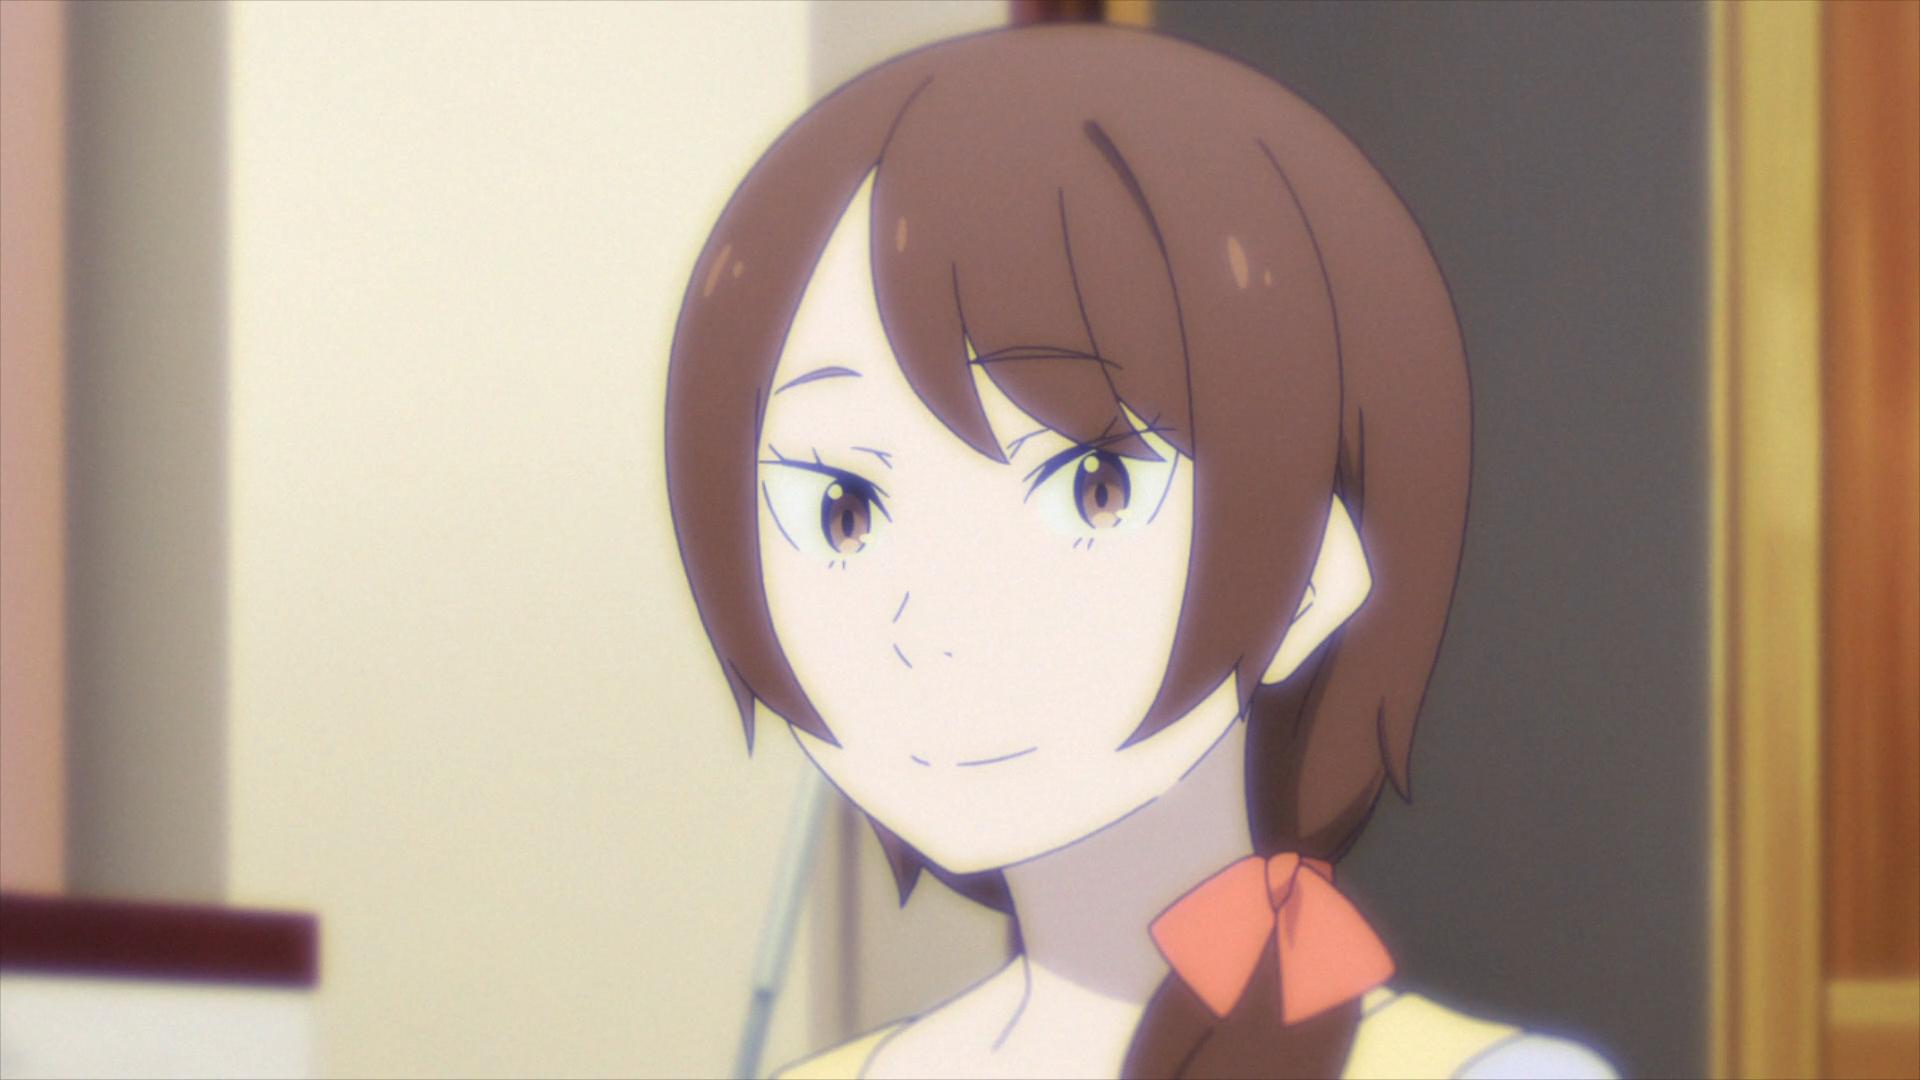 Natsuki Naoko Re Zero S2